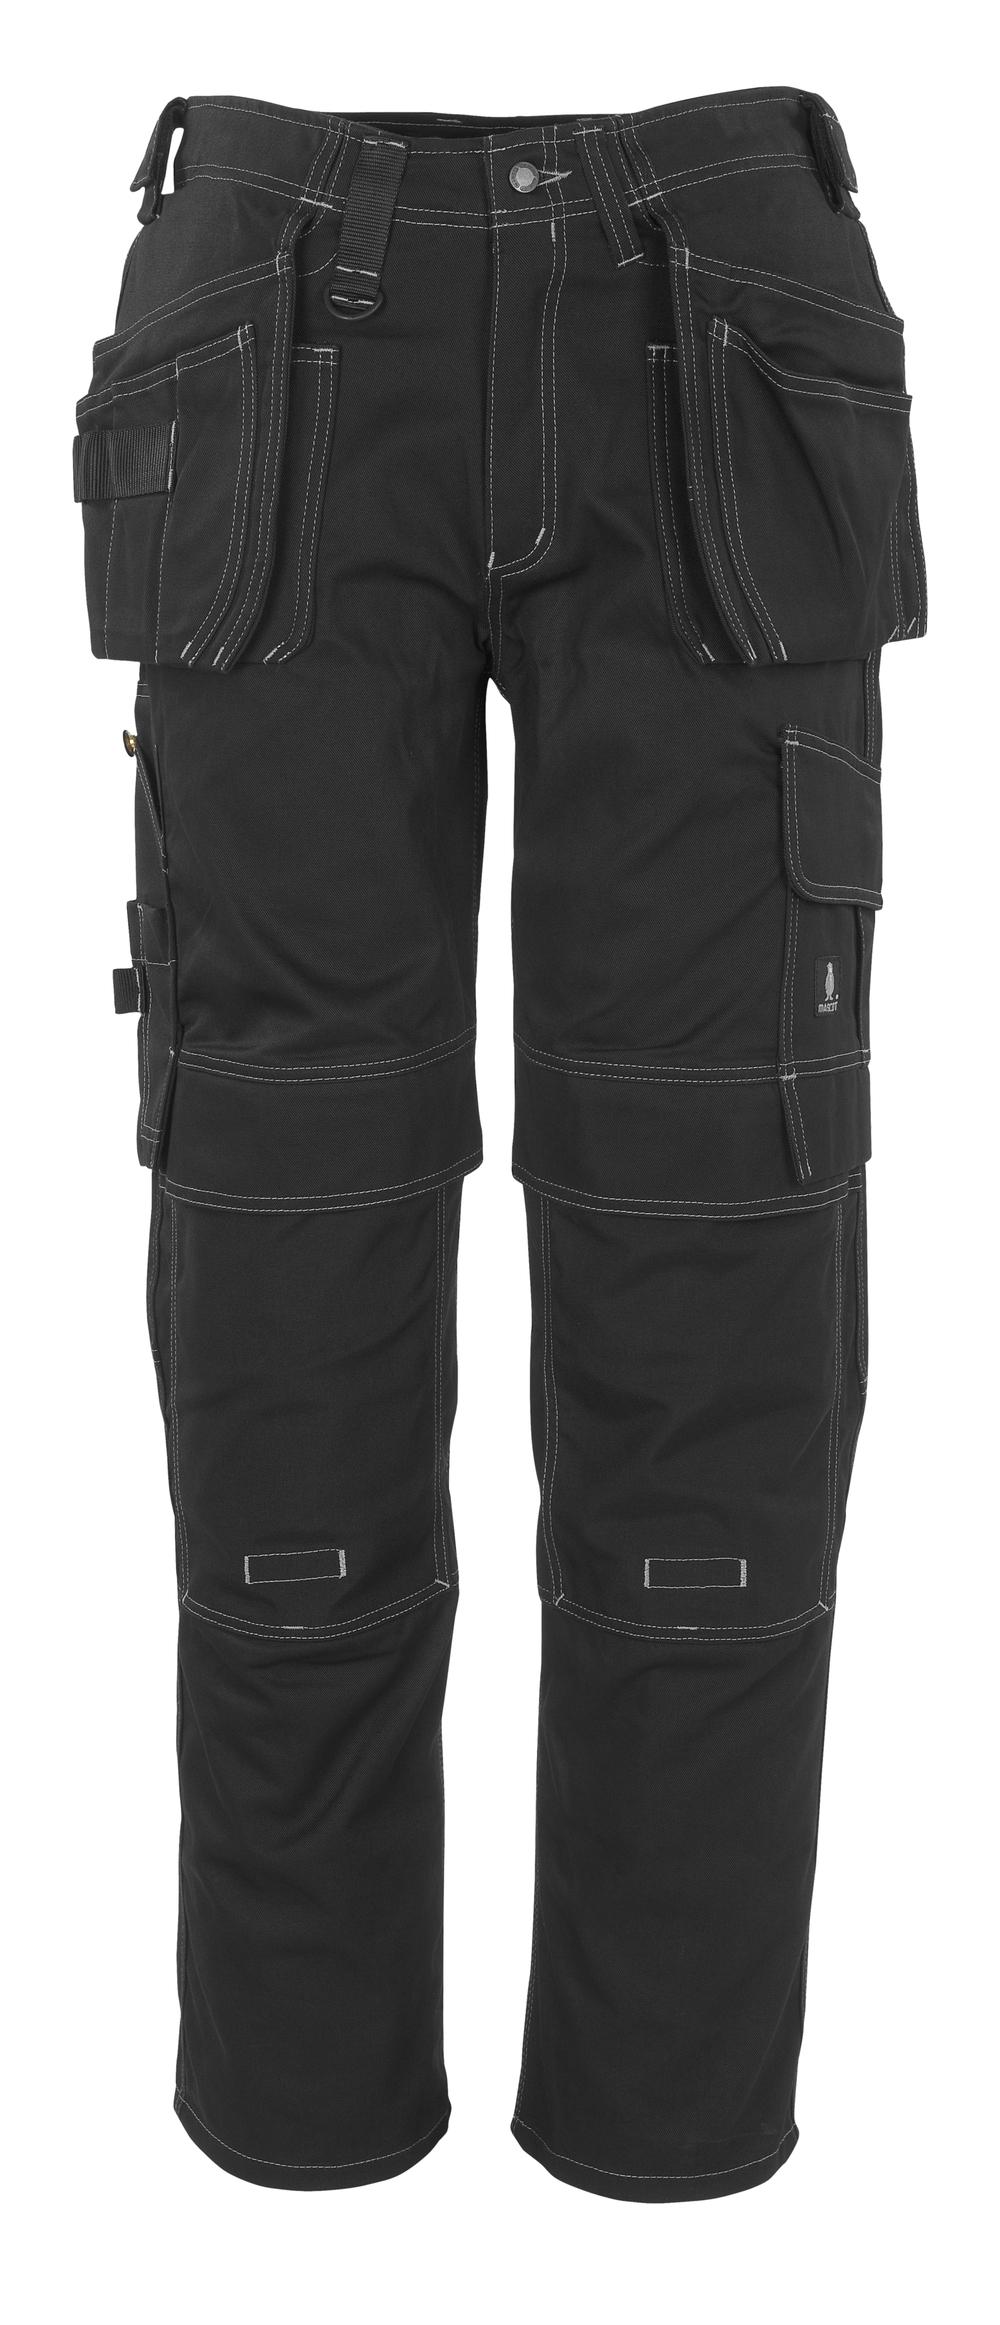 06131-630-09 Pantalones con bolsillos para rodilleras y bolsillos tipo funda - negro